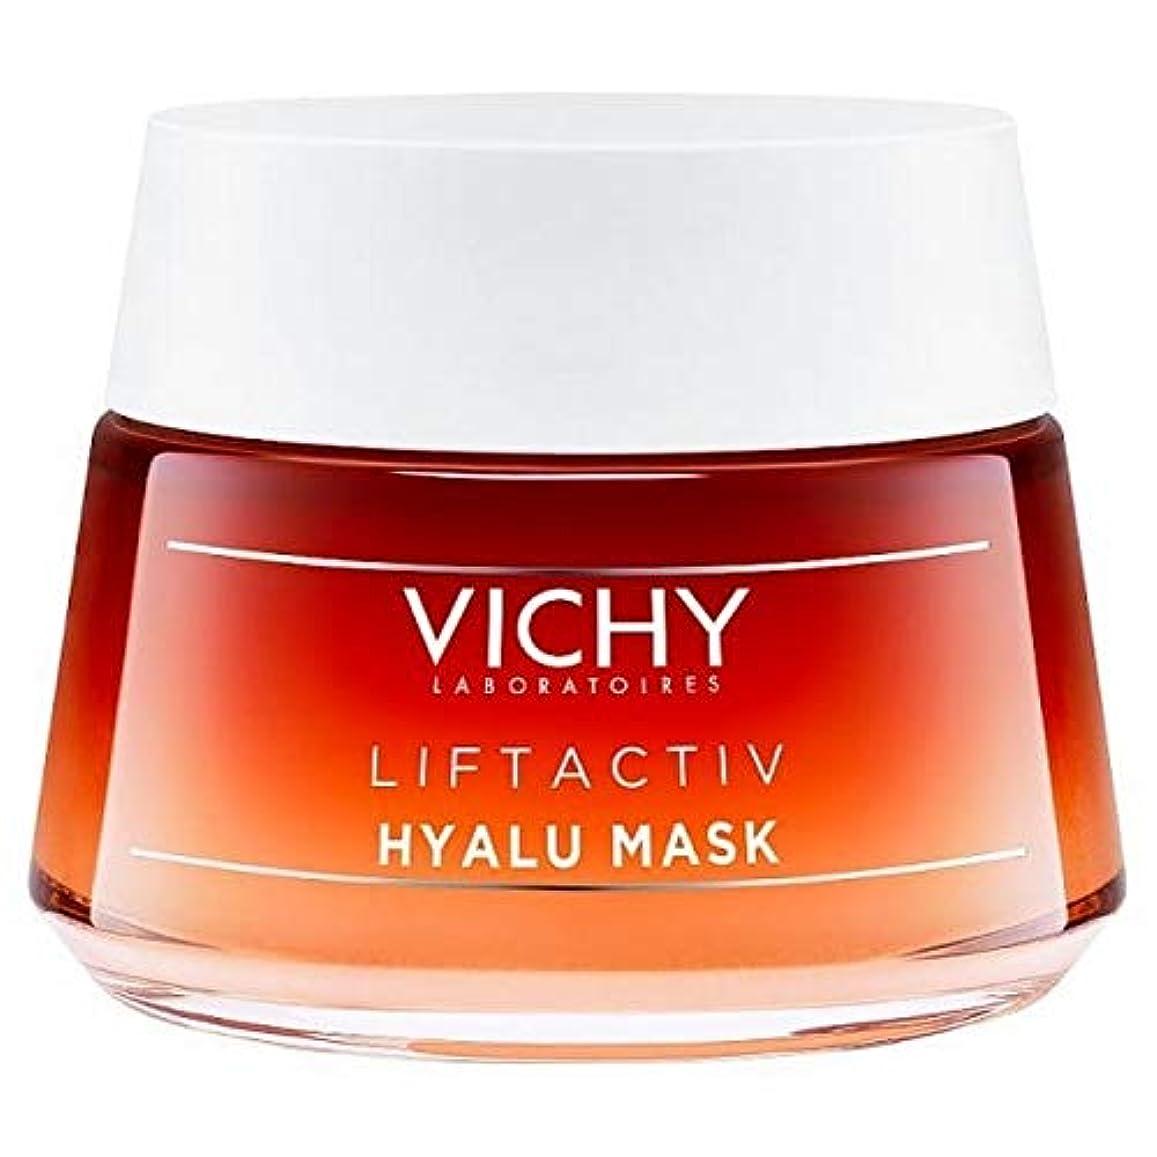 辛なメーター妖精[Vichy] ヴィシーLiftactiv Hyaluマスク50ミリリットル - Vichy LiftActiv Hyalu Mask 50ml [並行輸入品]